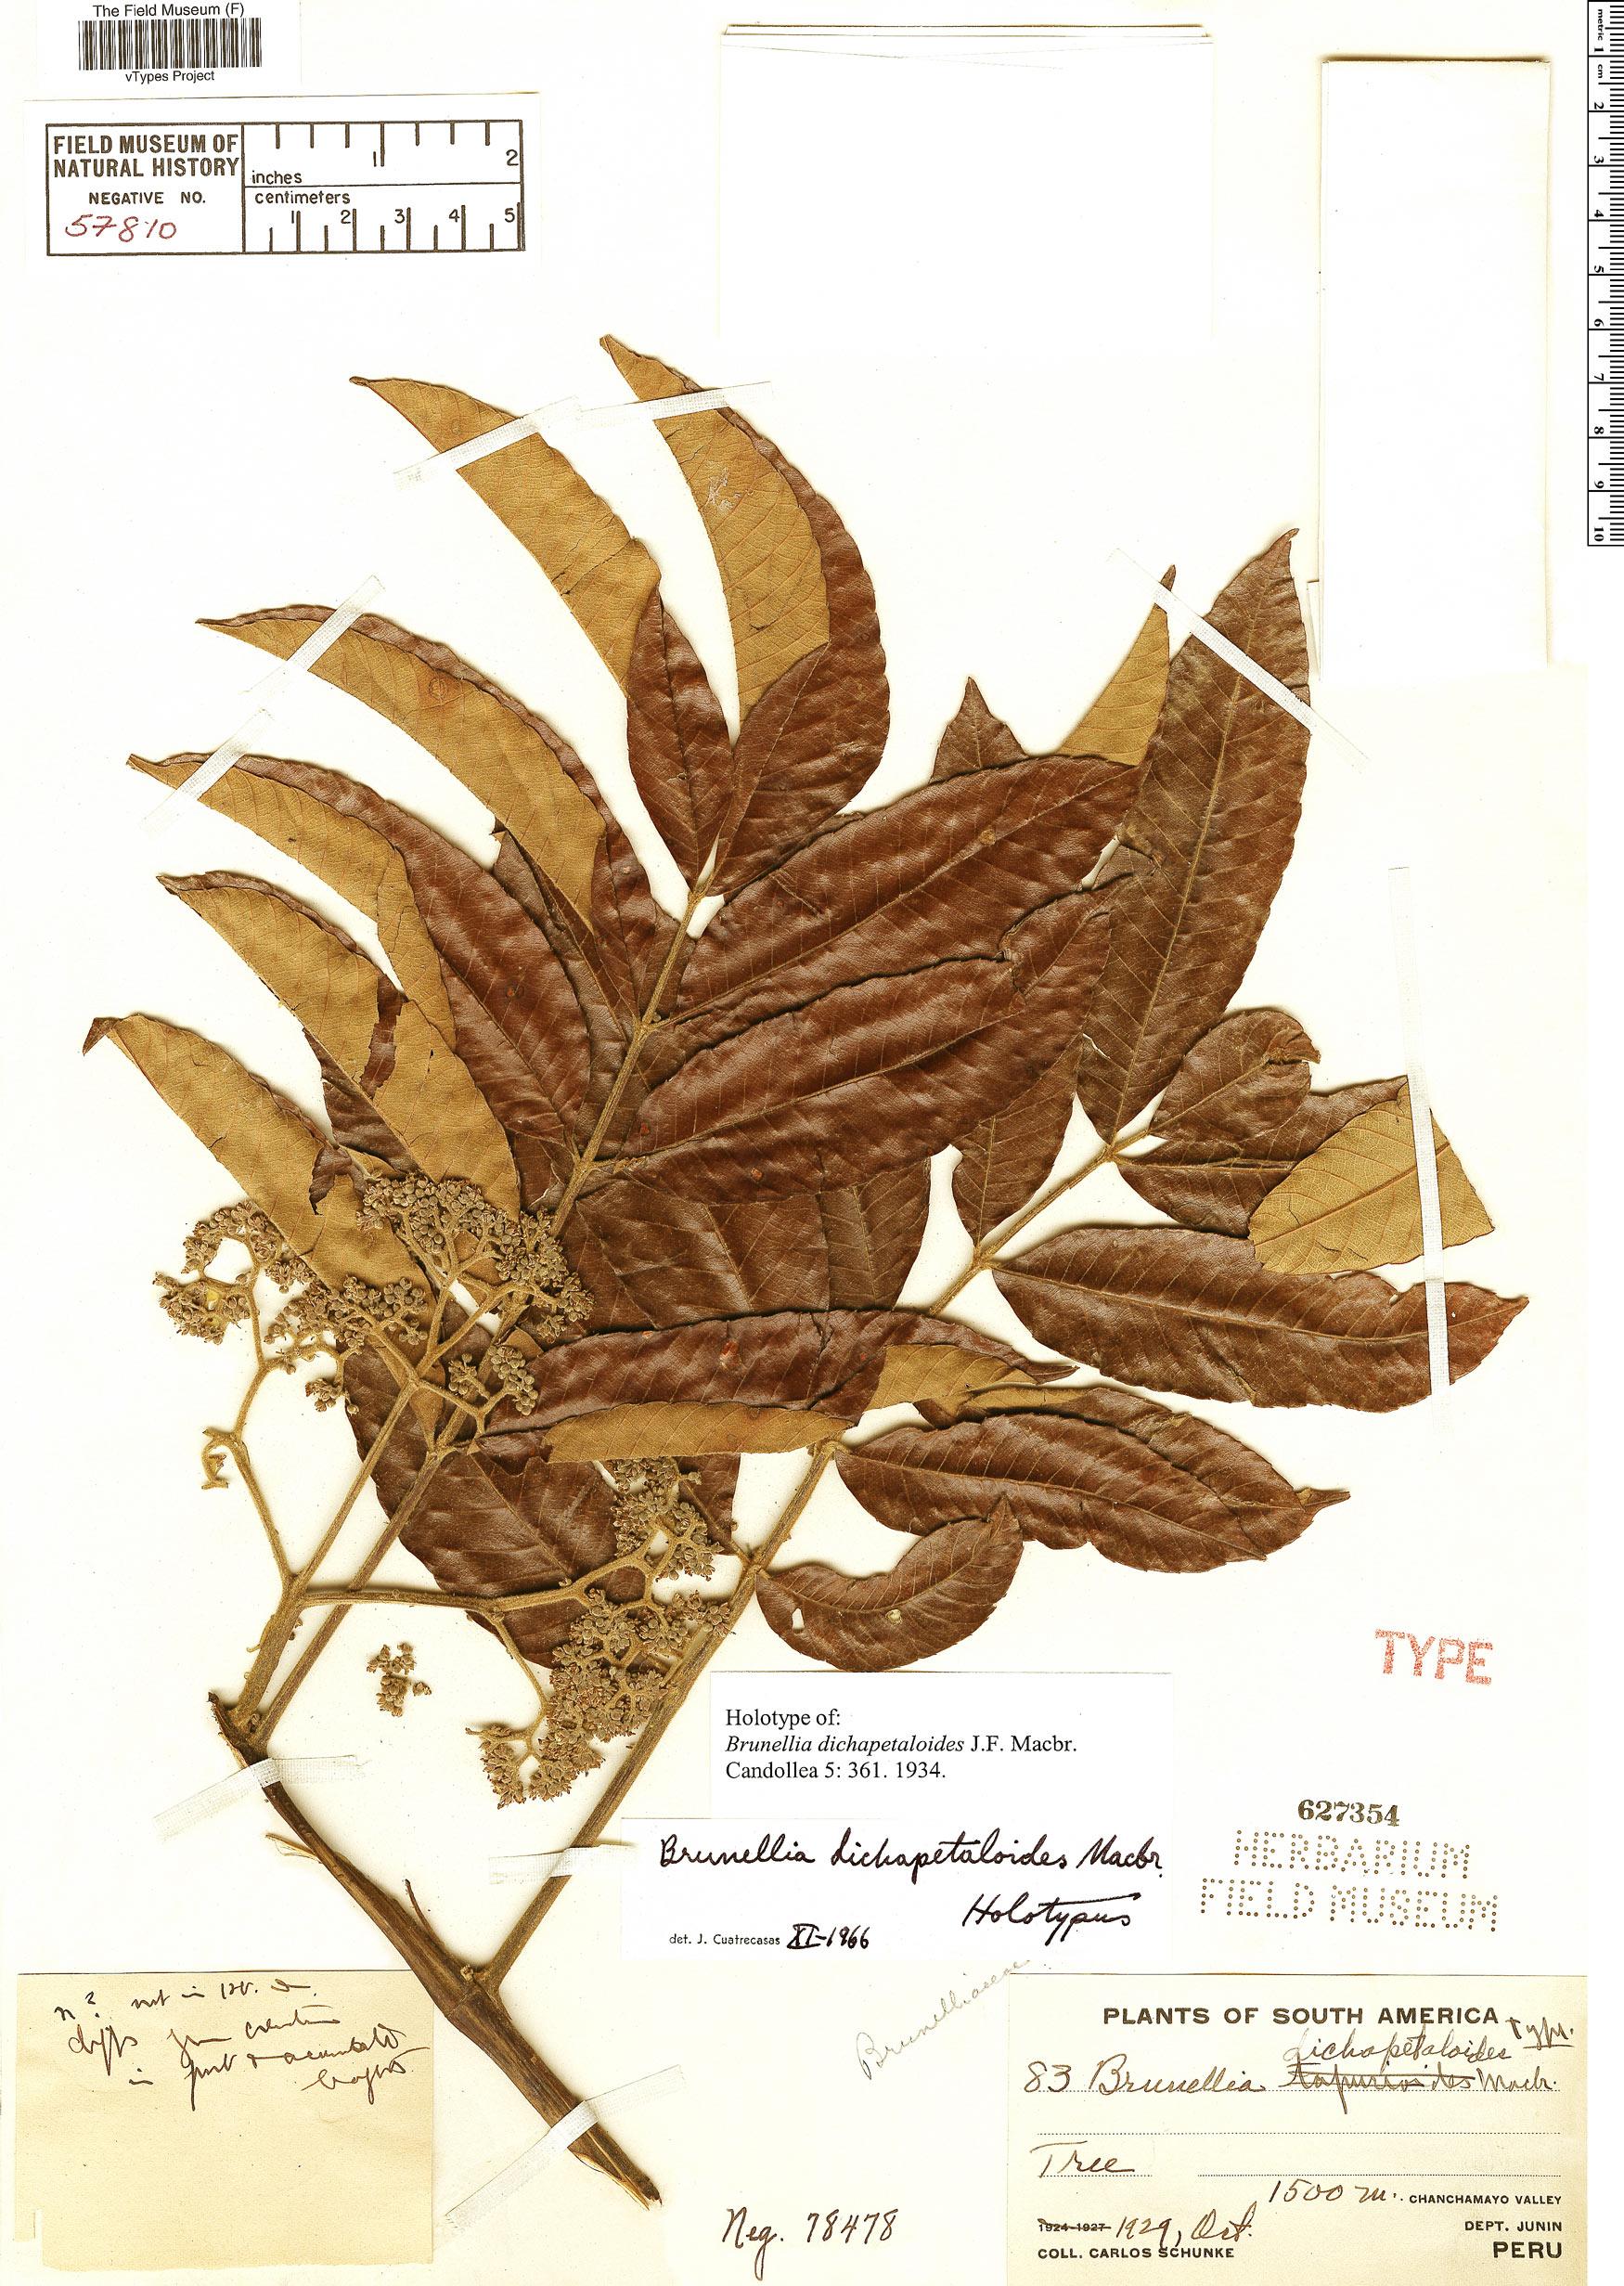 Specimen: Brunellia dichapetaloides